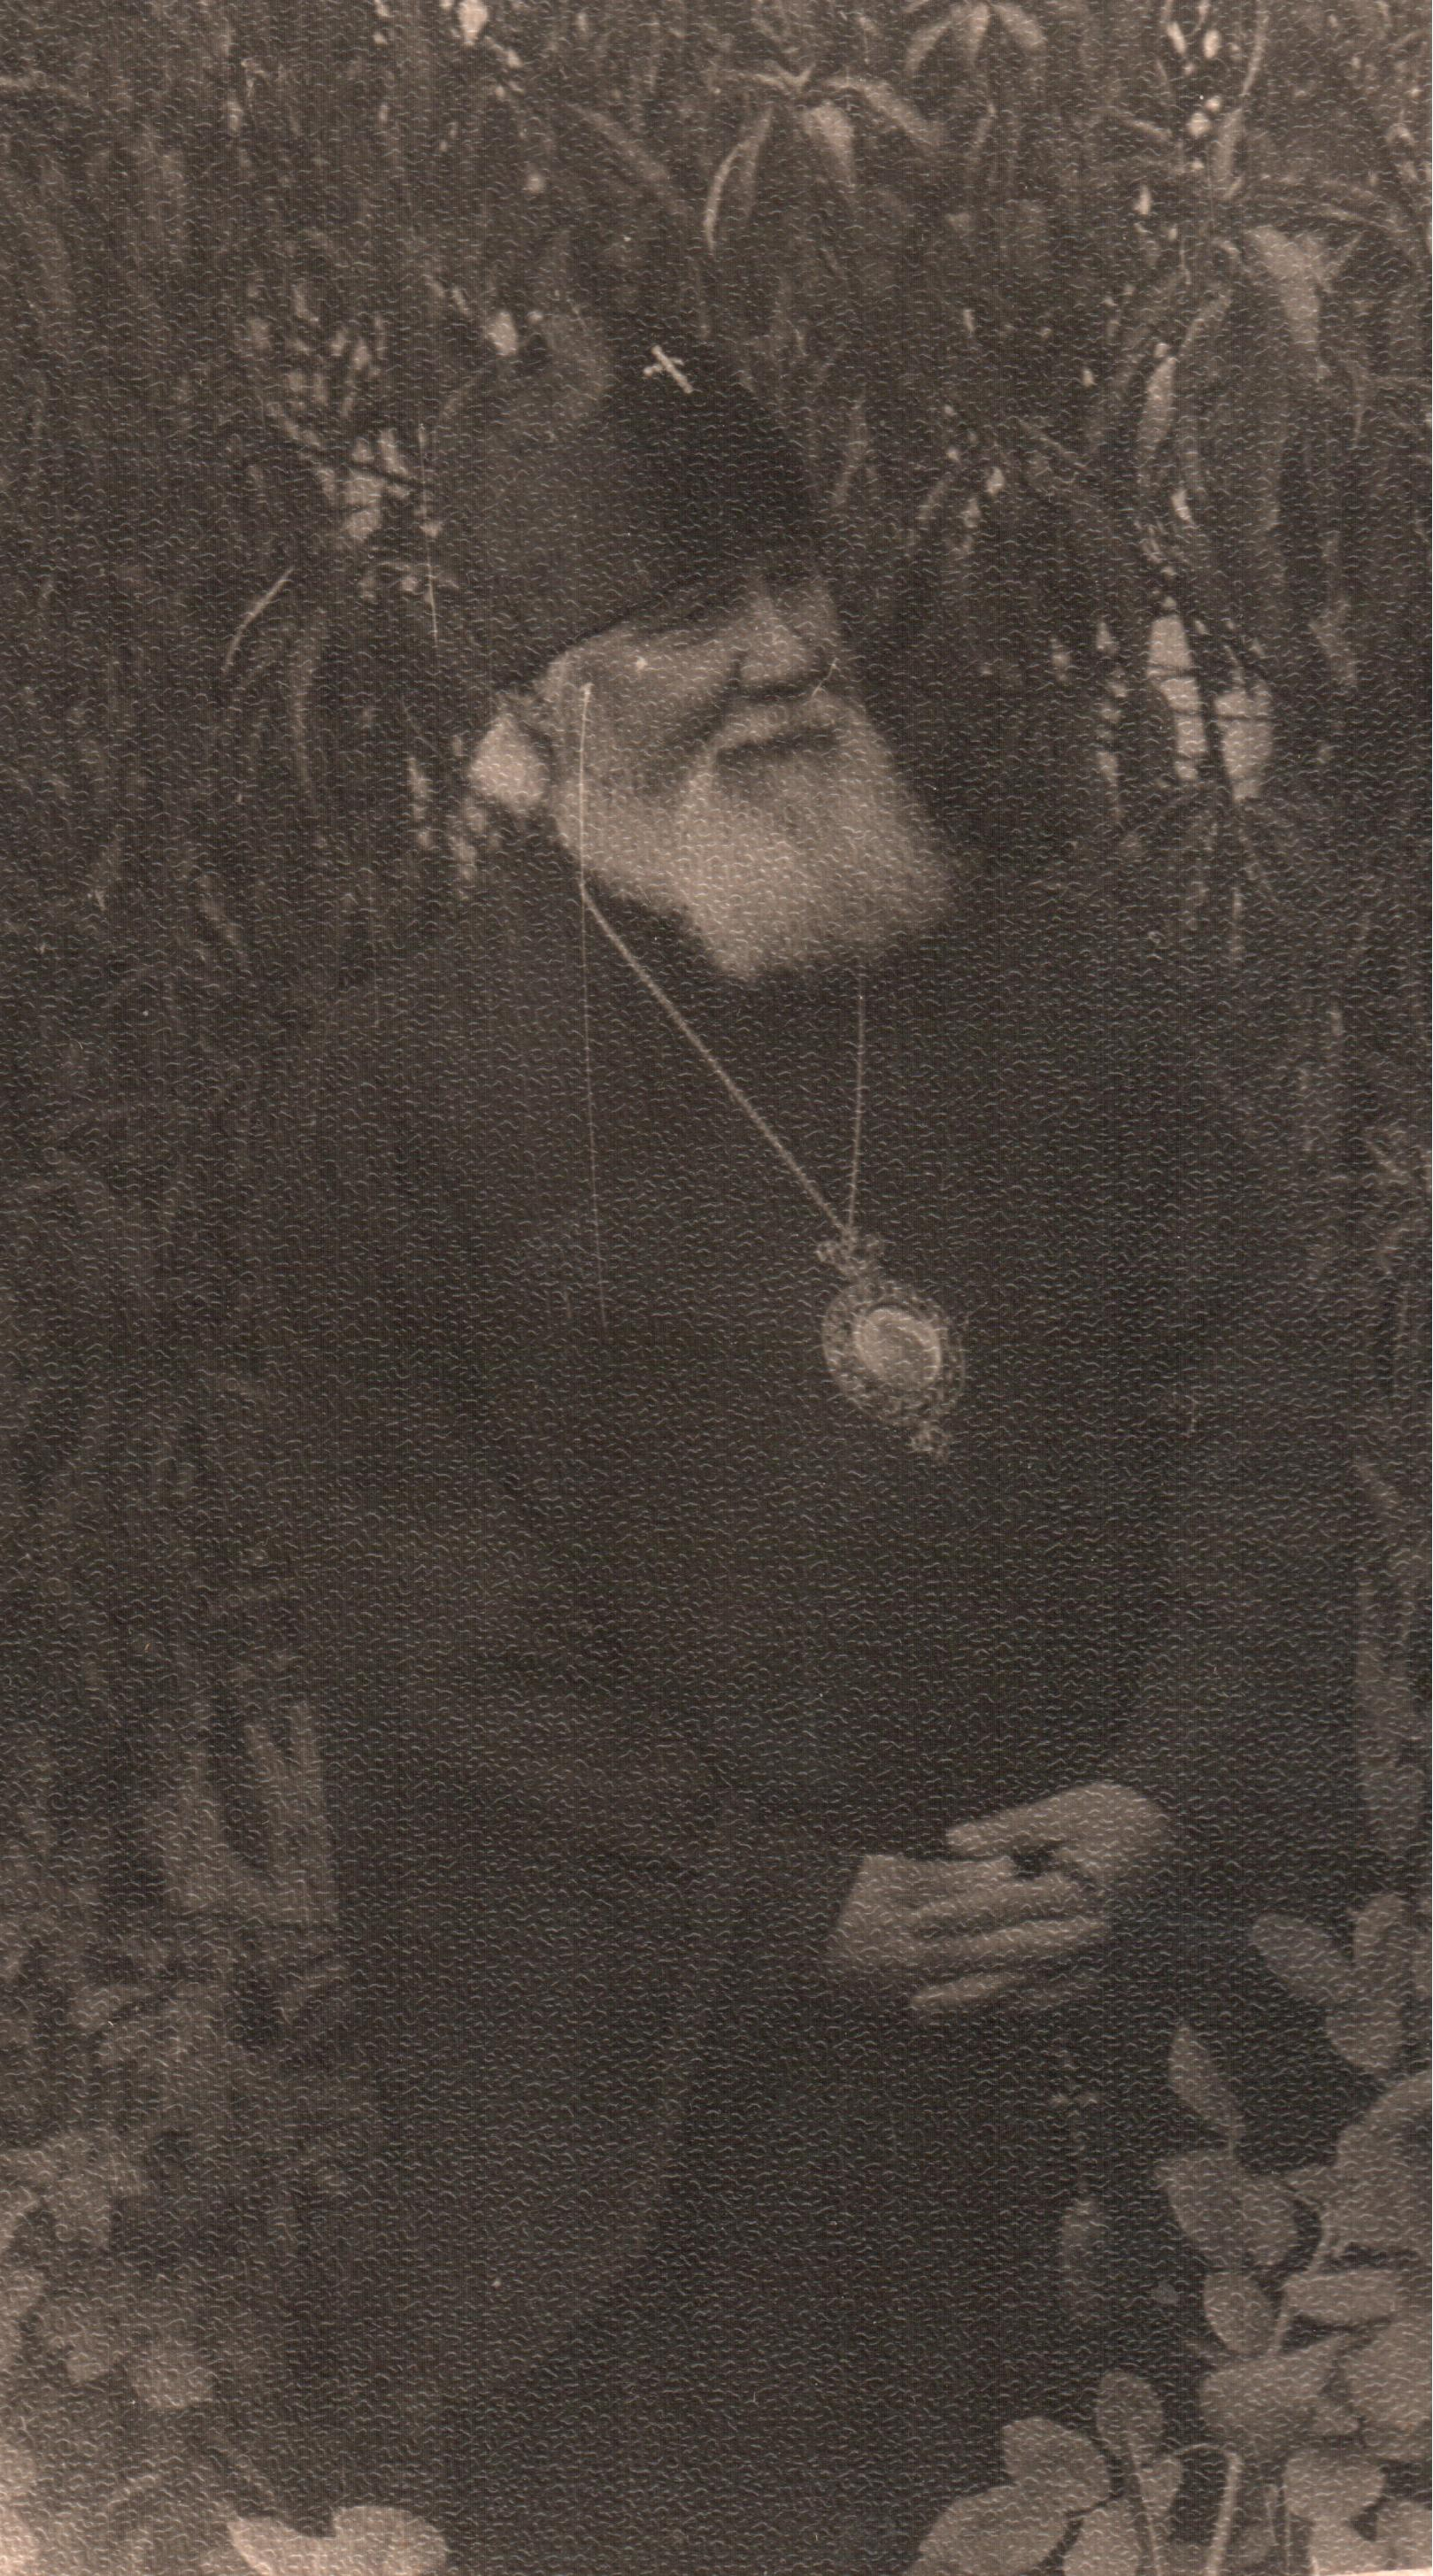 1961. Херсон. Архиепископ Иоанн